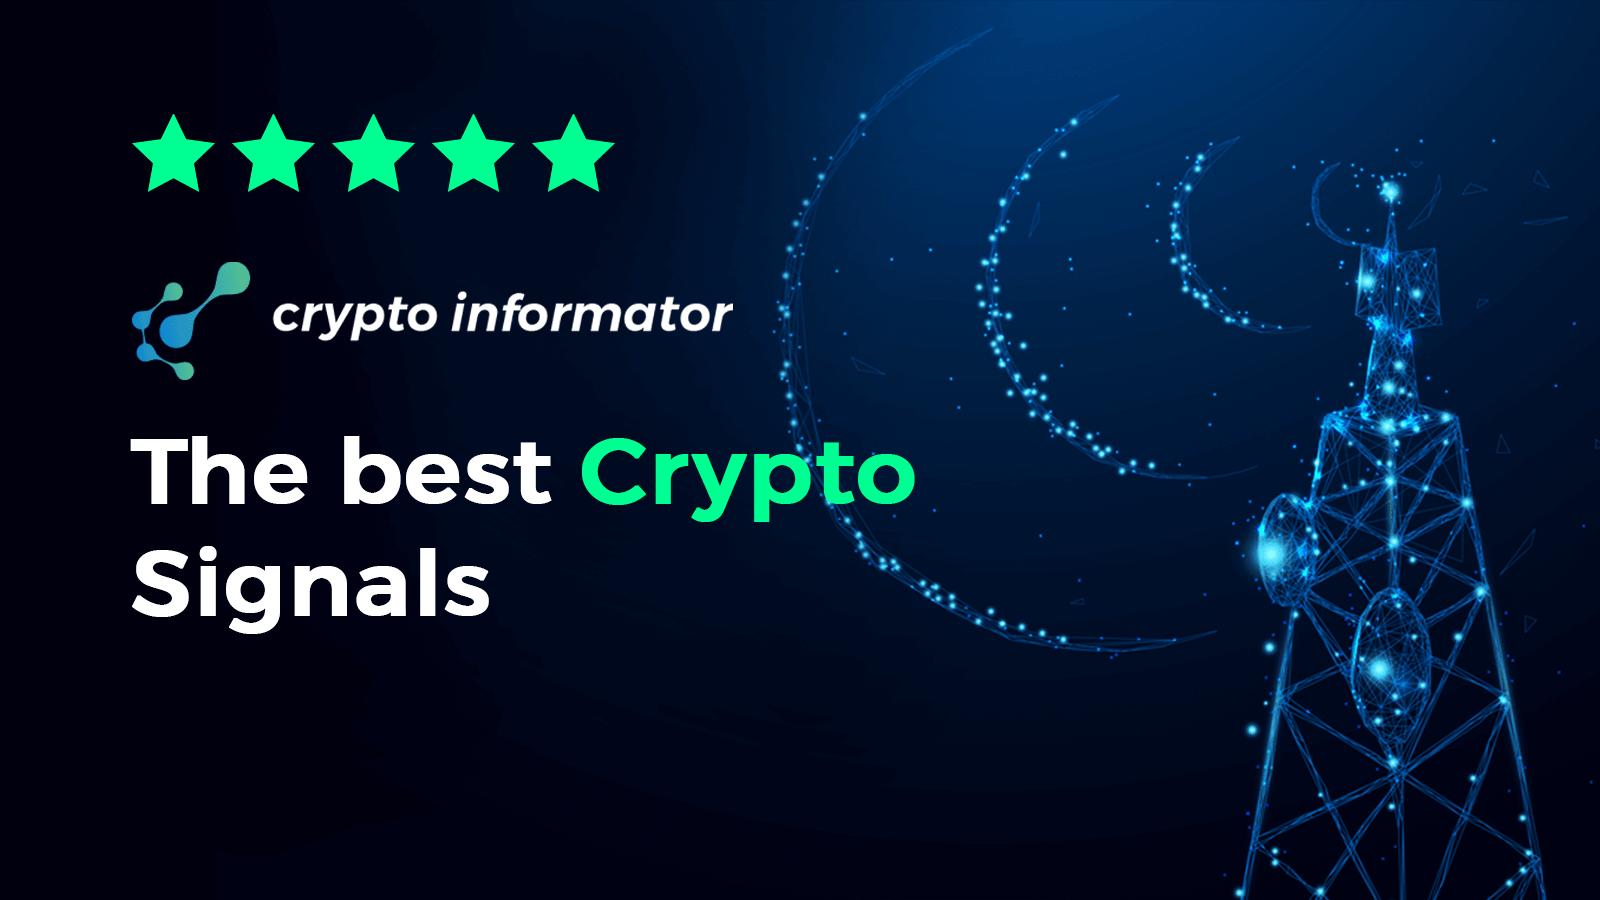 geriausios crypto signalinės grupės bitcoin ir prekybos karas